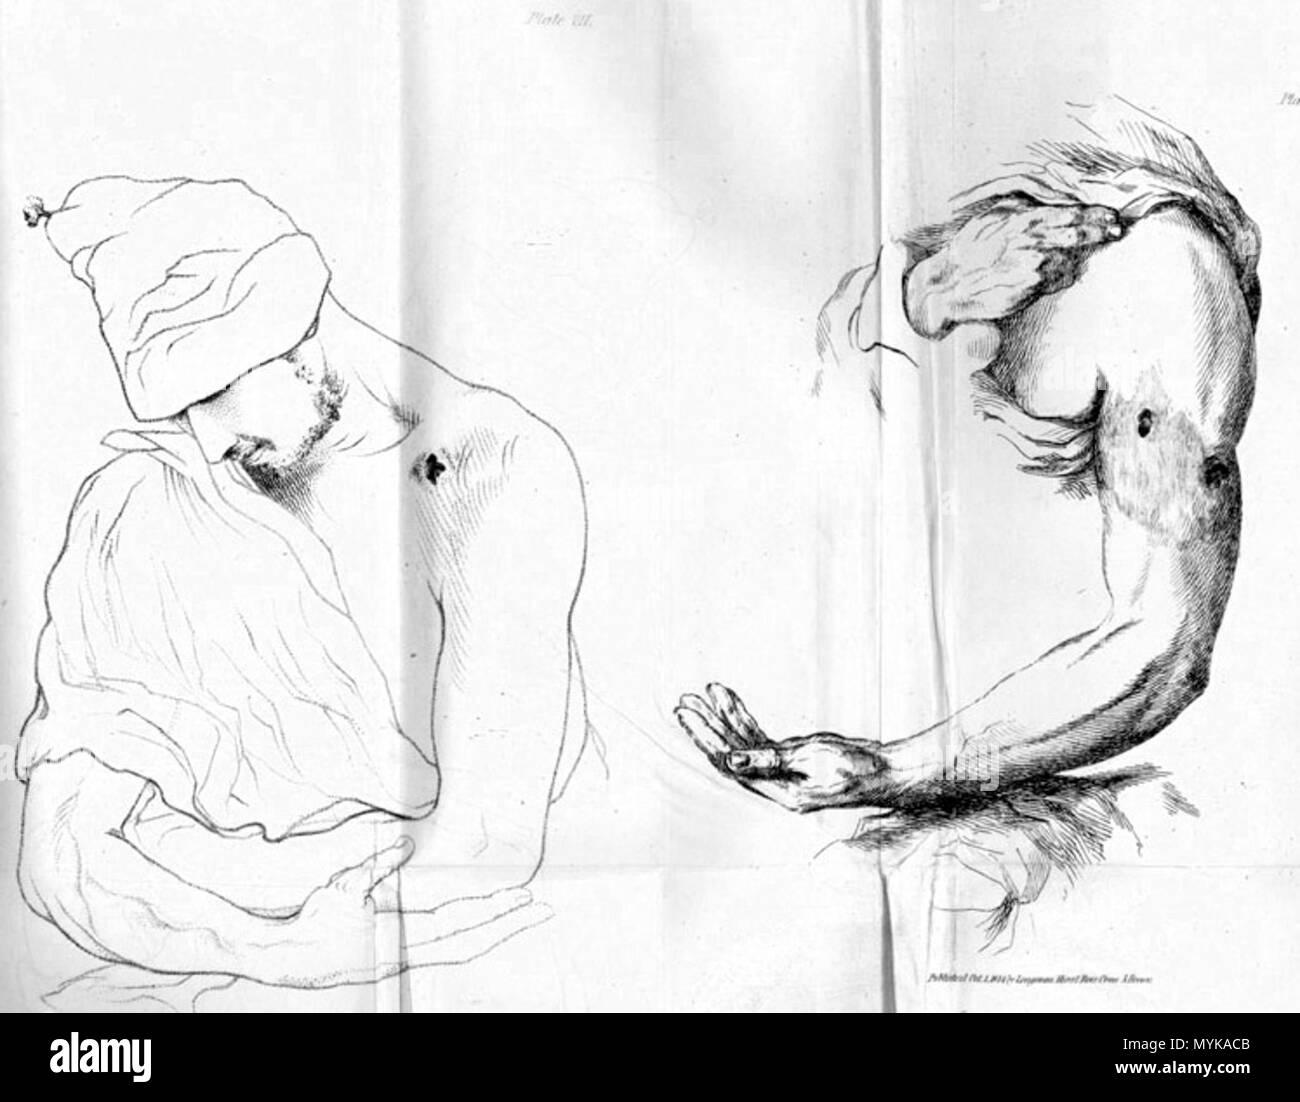 Único Anatomía De Bala Cresta - Imágenes de Anatomía Humana ...